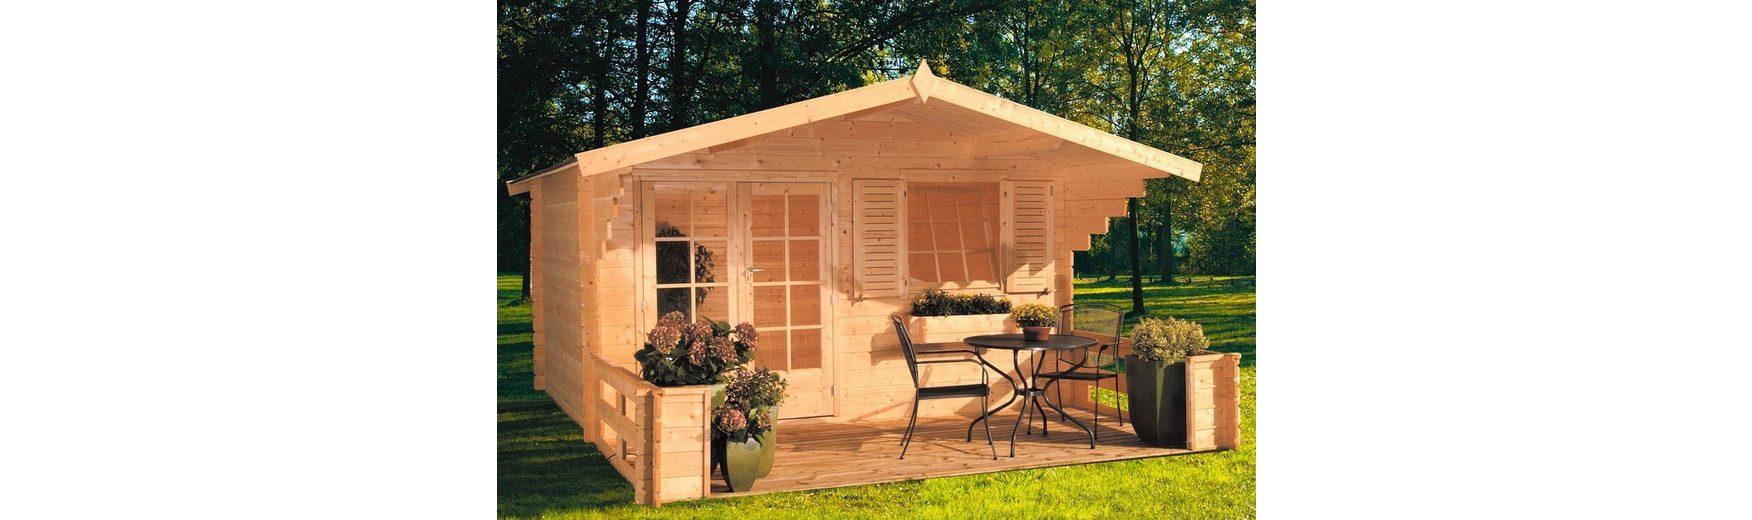 Gartenhaus »Orlando«, BxT: 380x280 cm